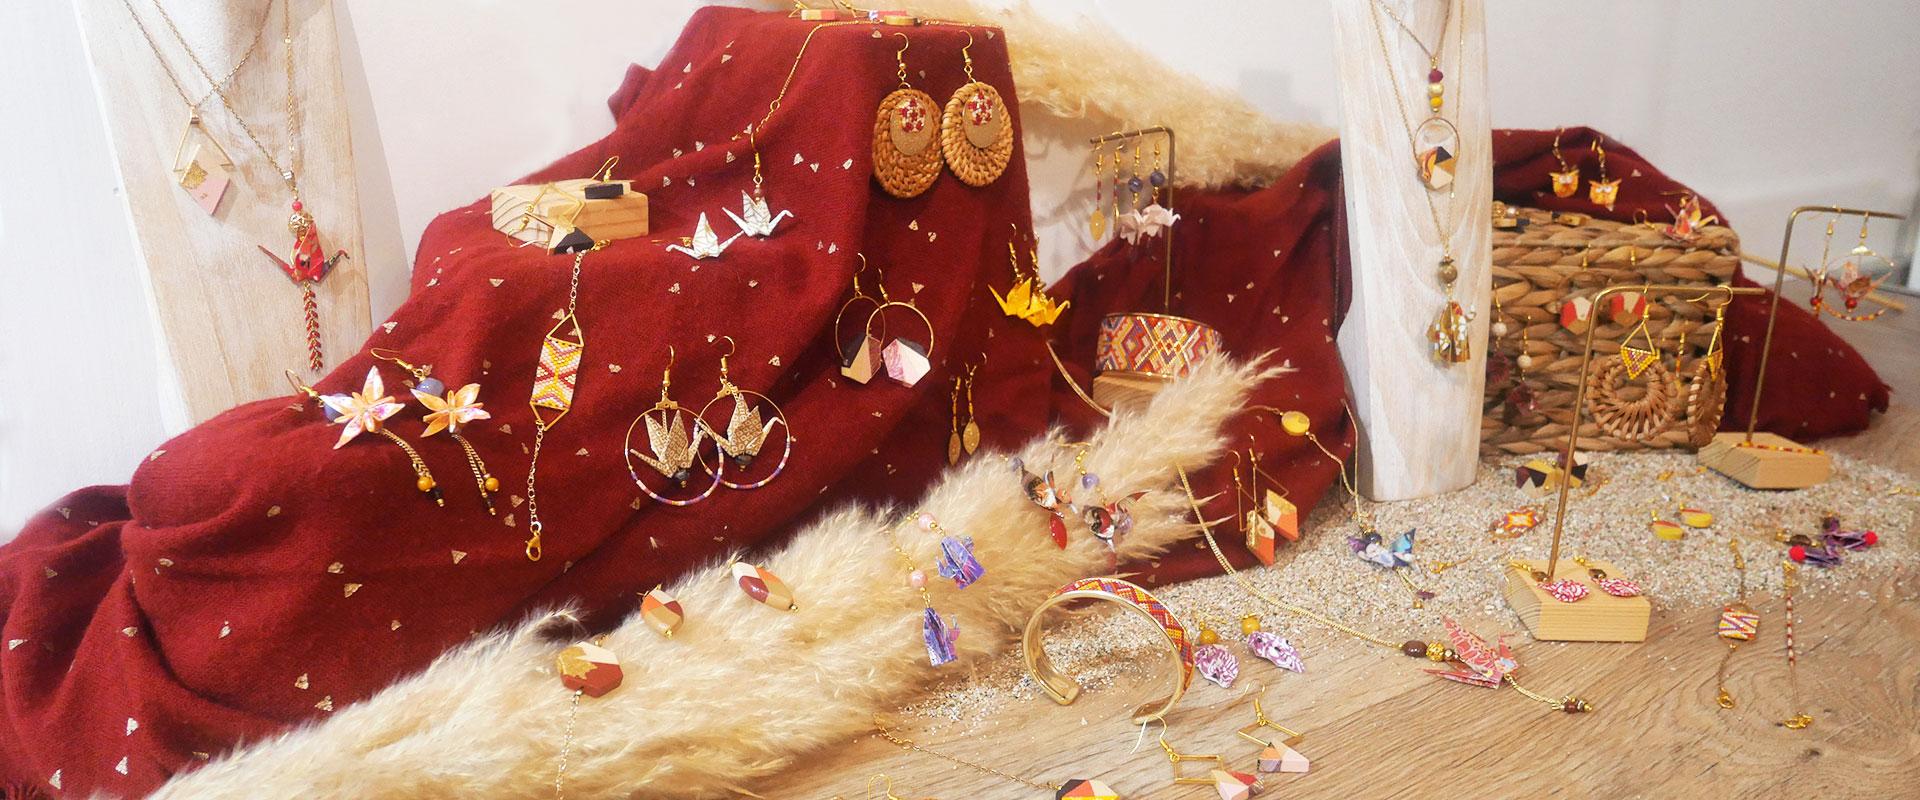 Gebetnout bijoux fantaisie lyon mode tendance bijouterie femme Annecy artisan collection automne licancabur chili atacama rouge jaune violet